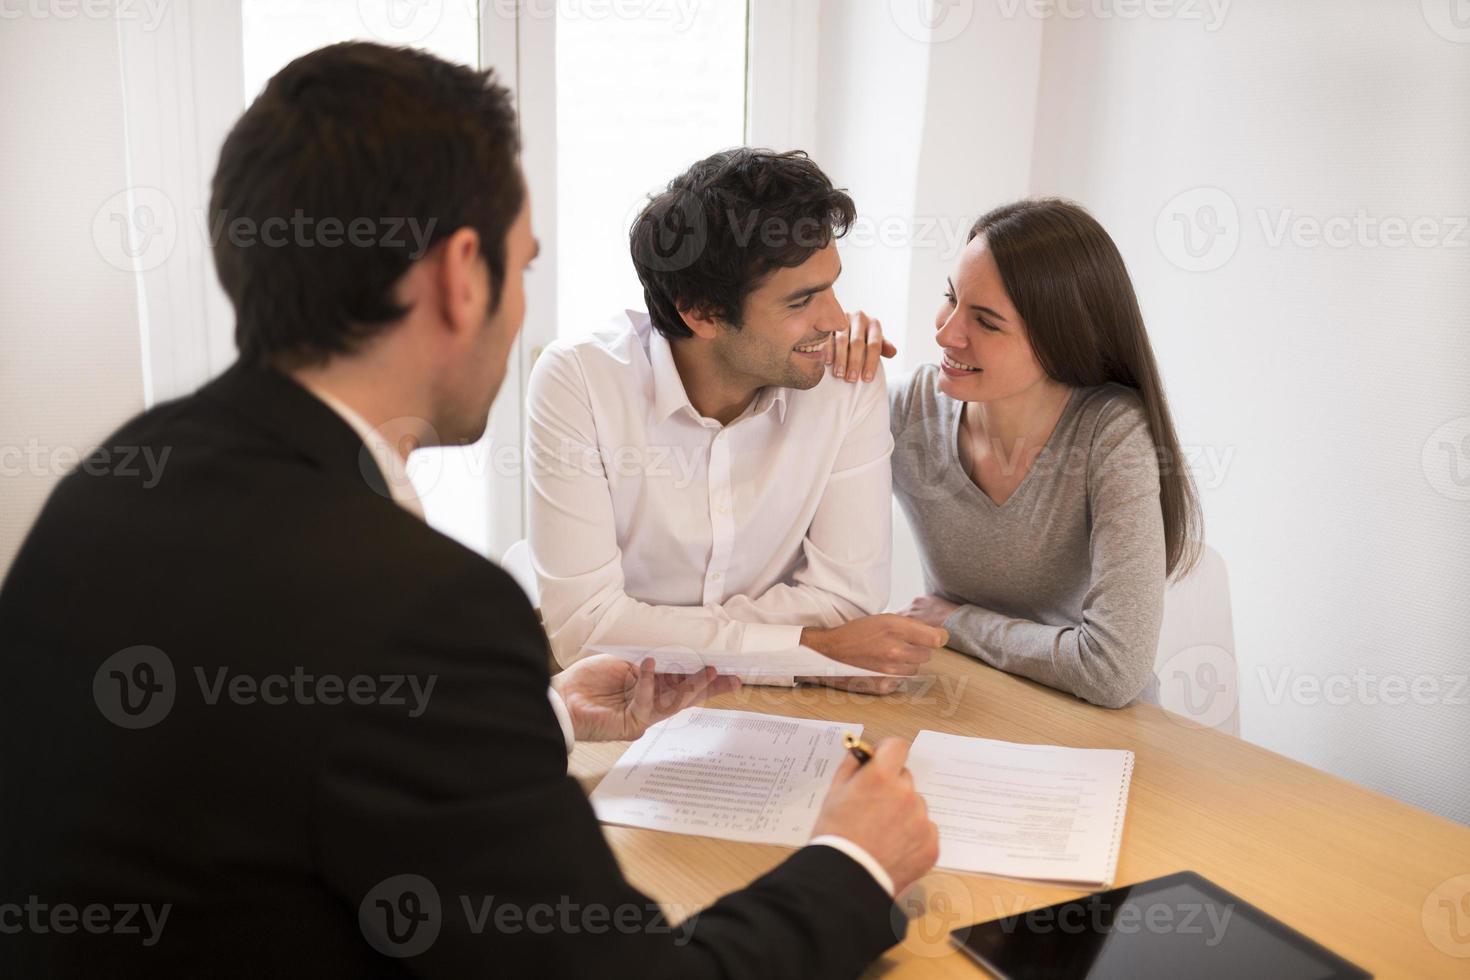 giovane coppia incontro agente immobiliare per acquistare proprietà, tablet di presentazione foto